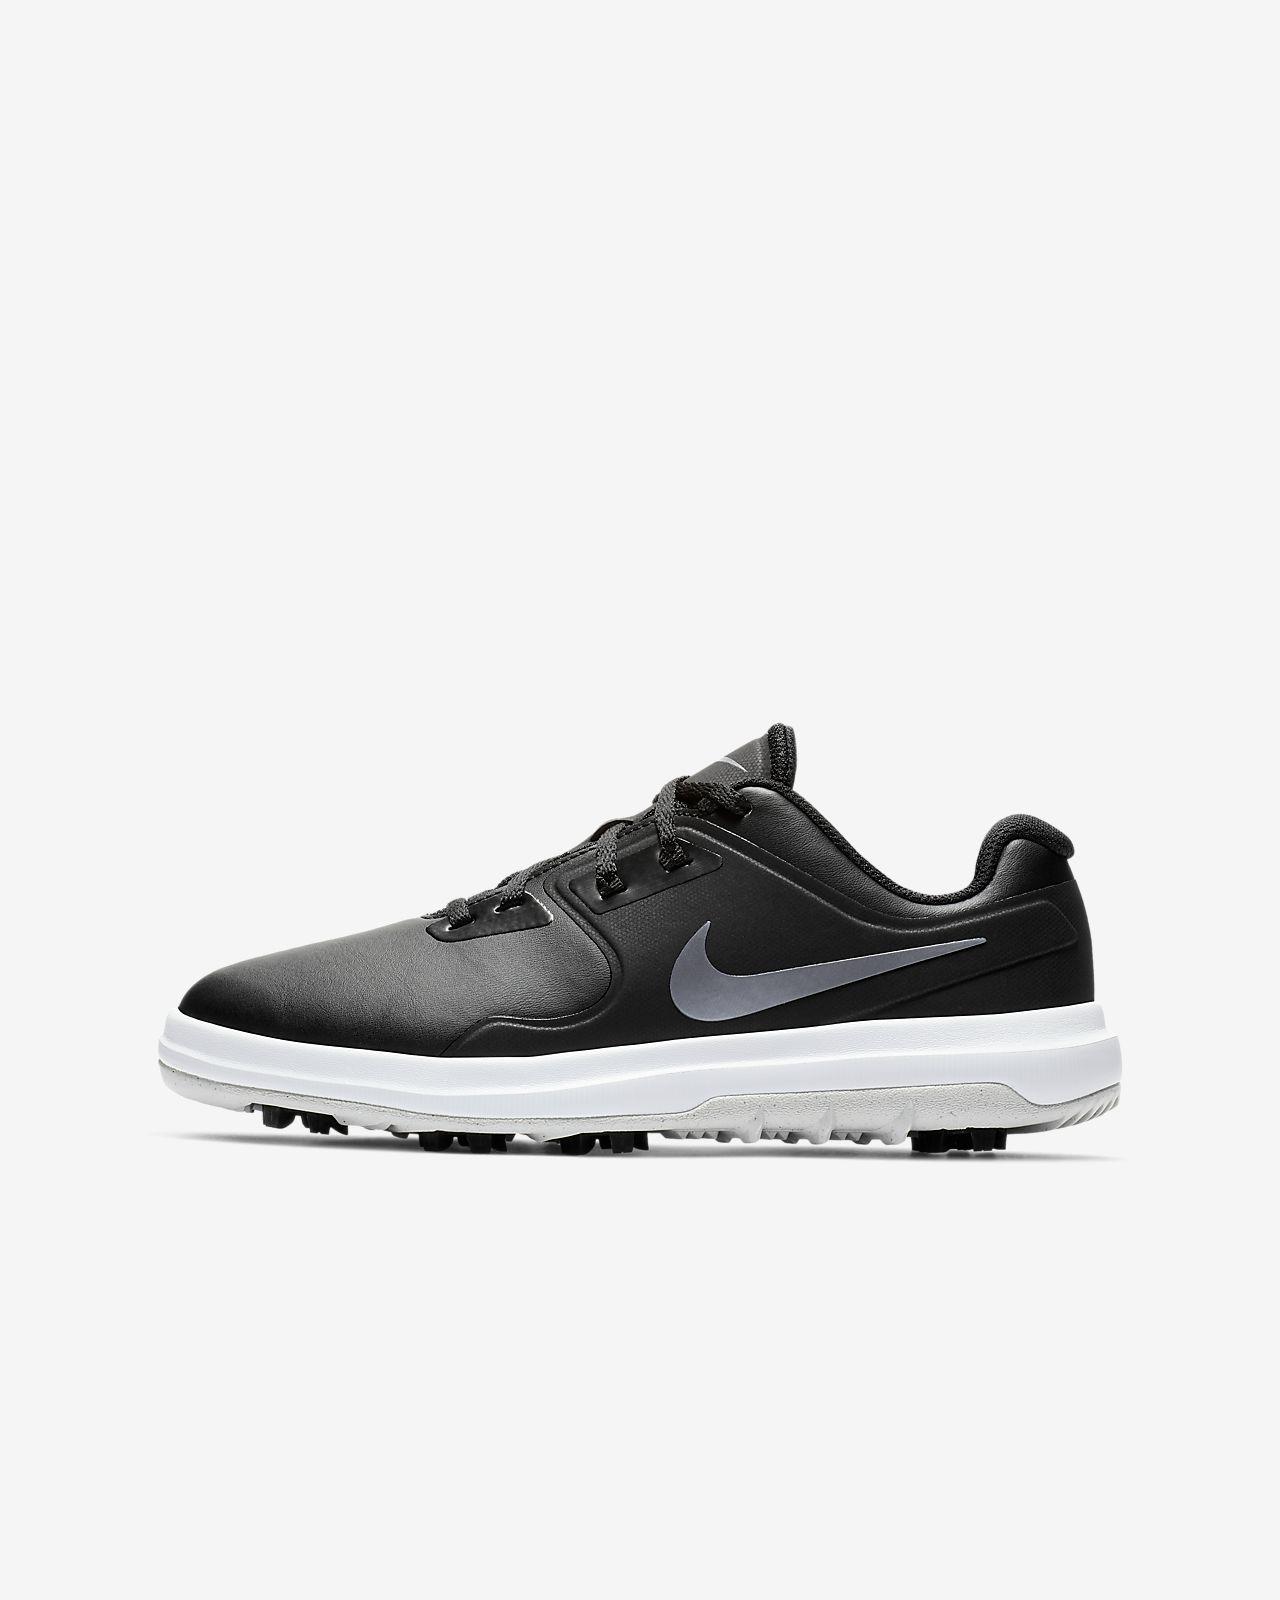 Golfsko Nike Vapor Pro Jr. för barn/ungdom